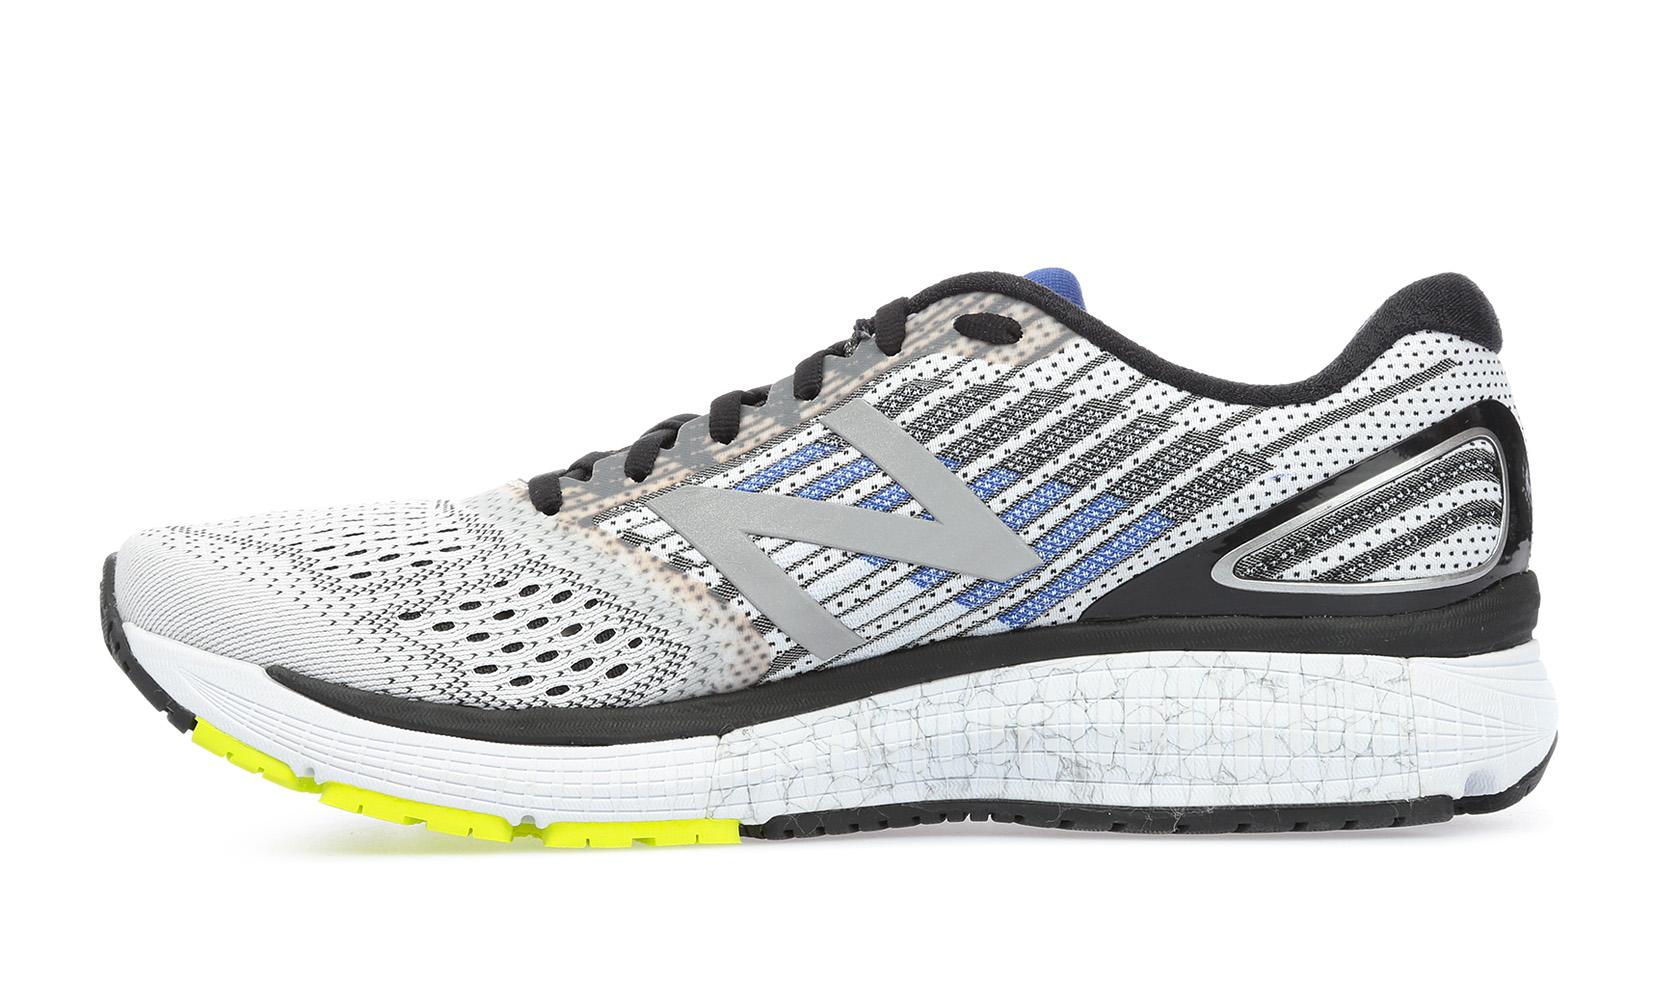 Чоловіче взуття для бігу New Balance NBX 860 v9 M860WB9 | New Balance